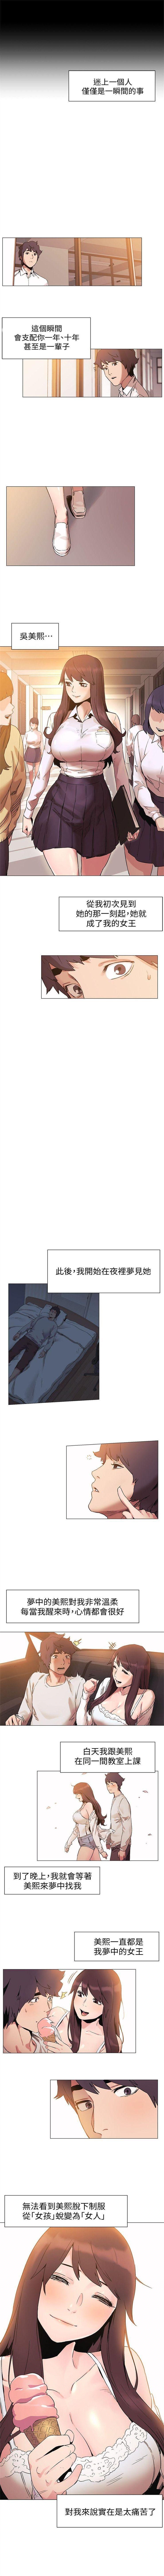 衝突 1-100官方中文(連載中) 202